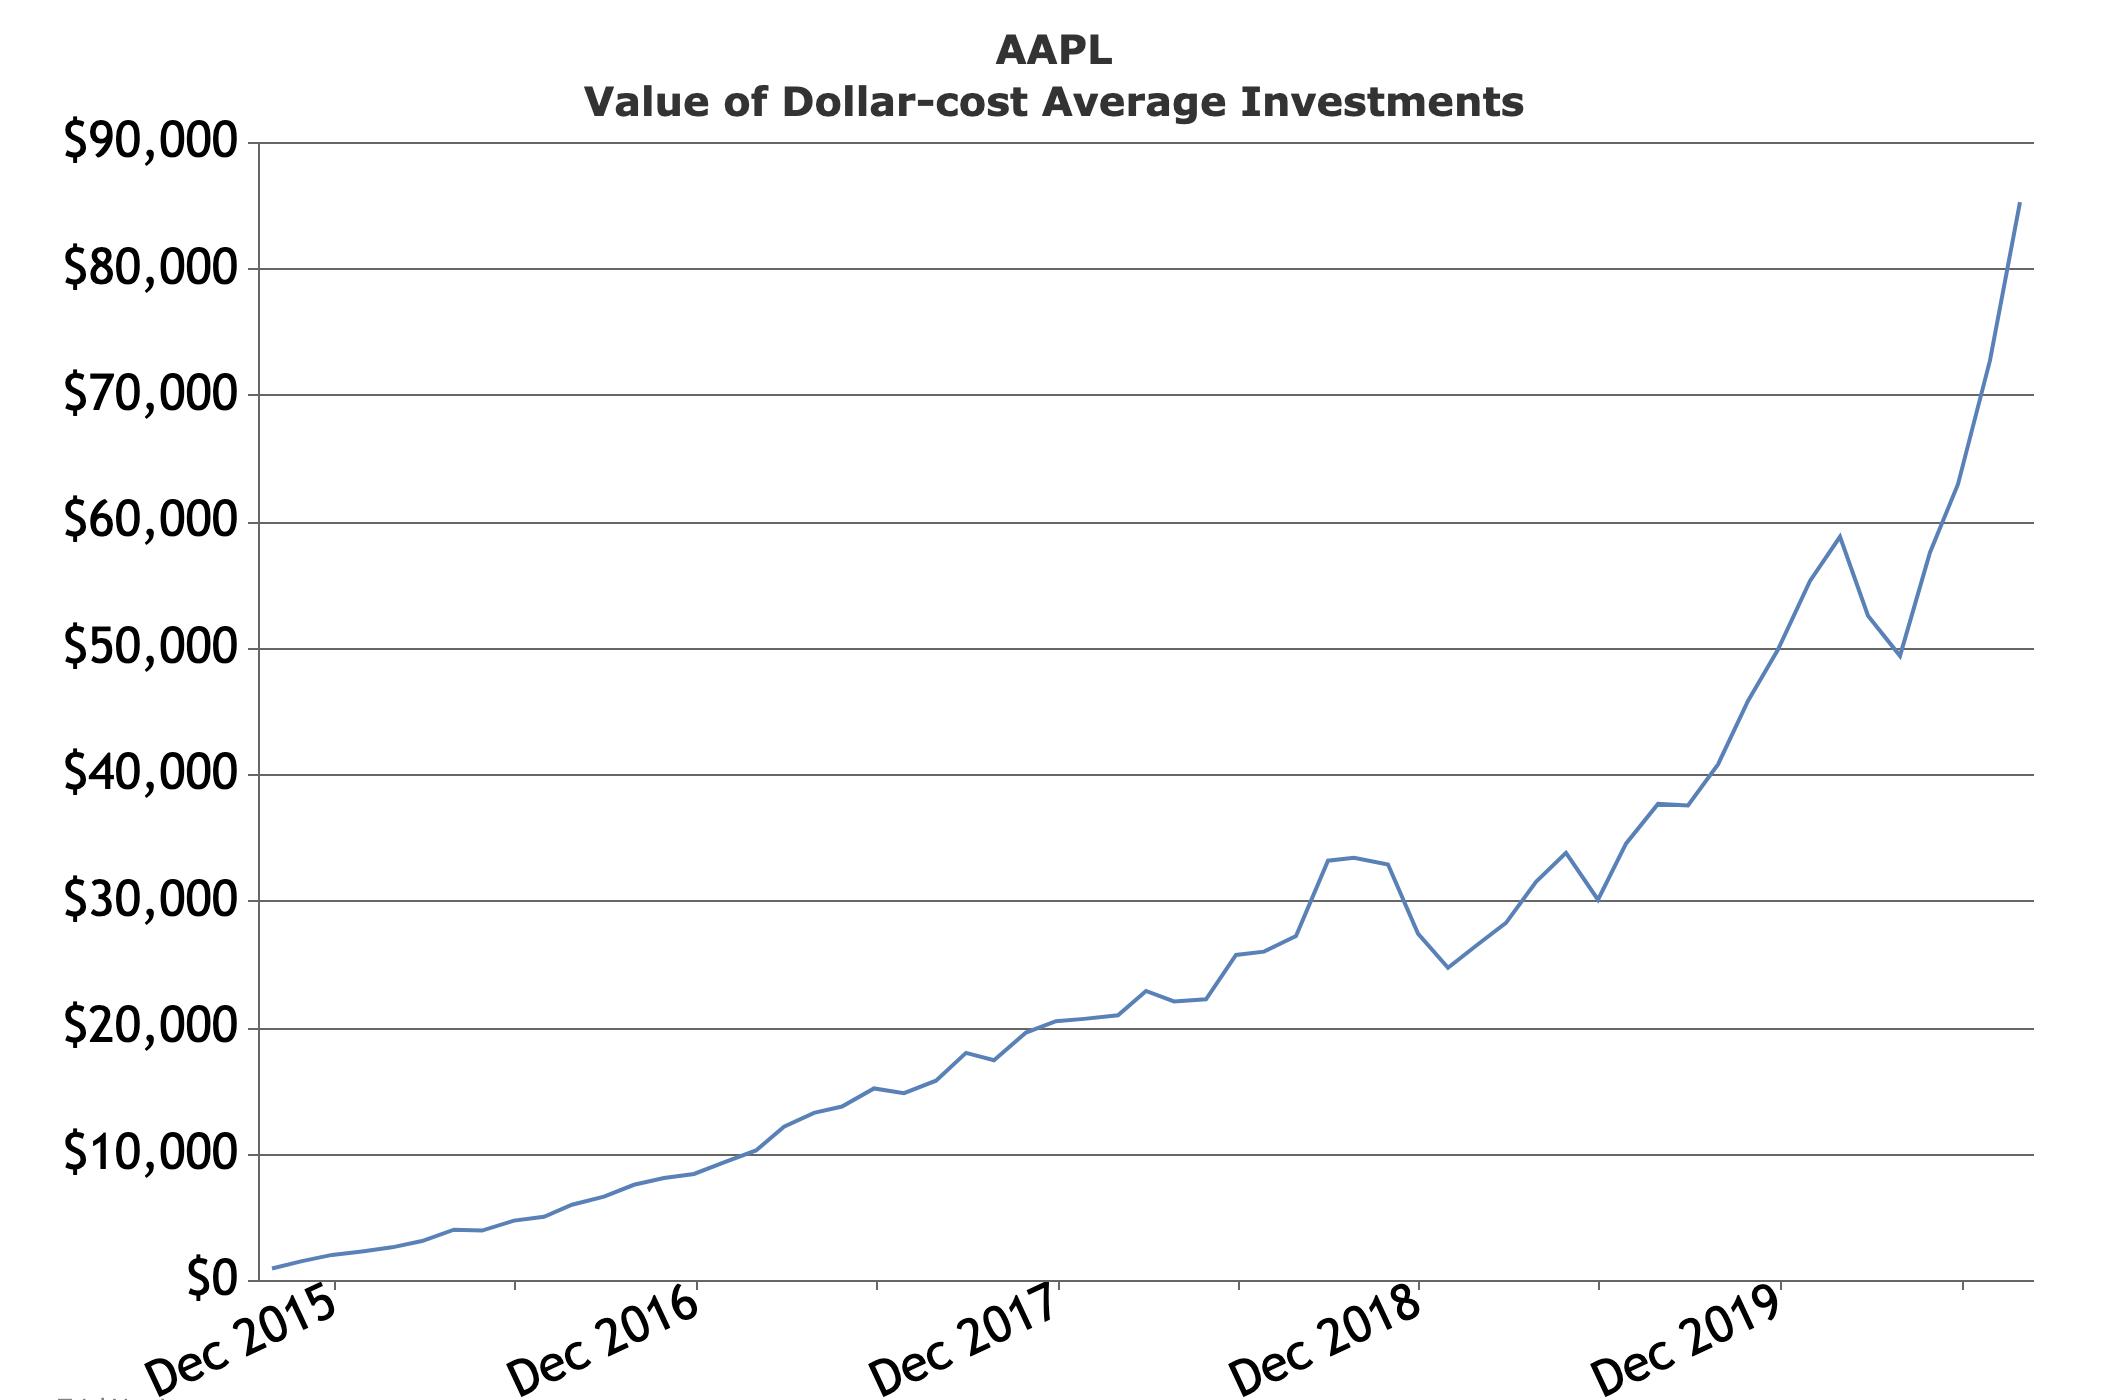 AAPL 500 per mo 2015 - 2020